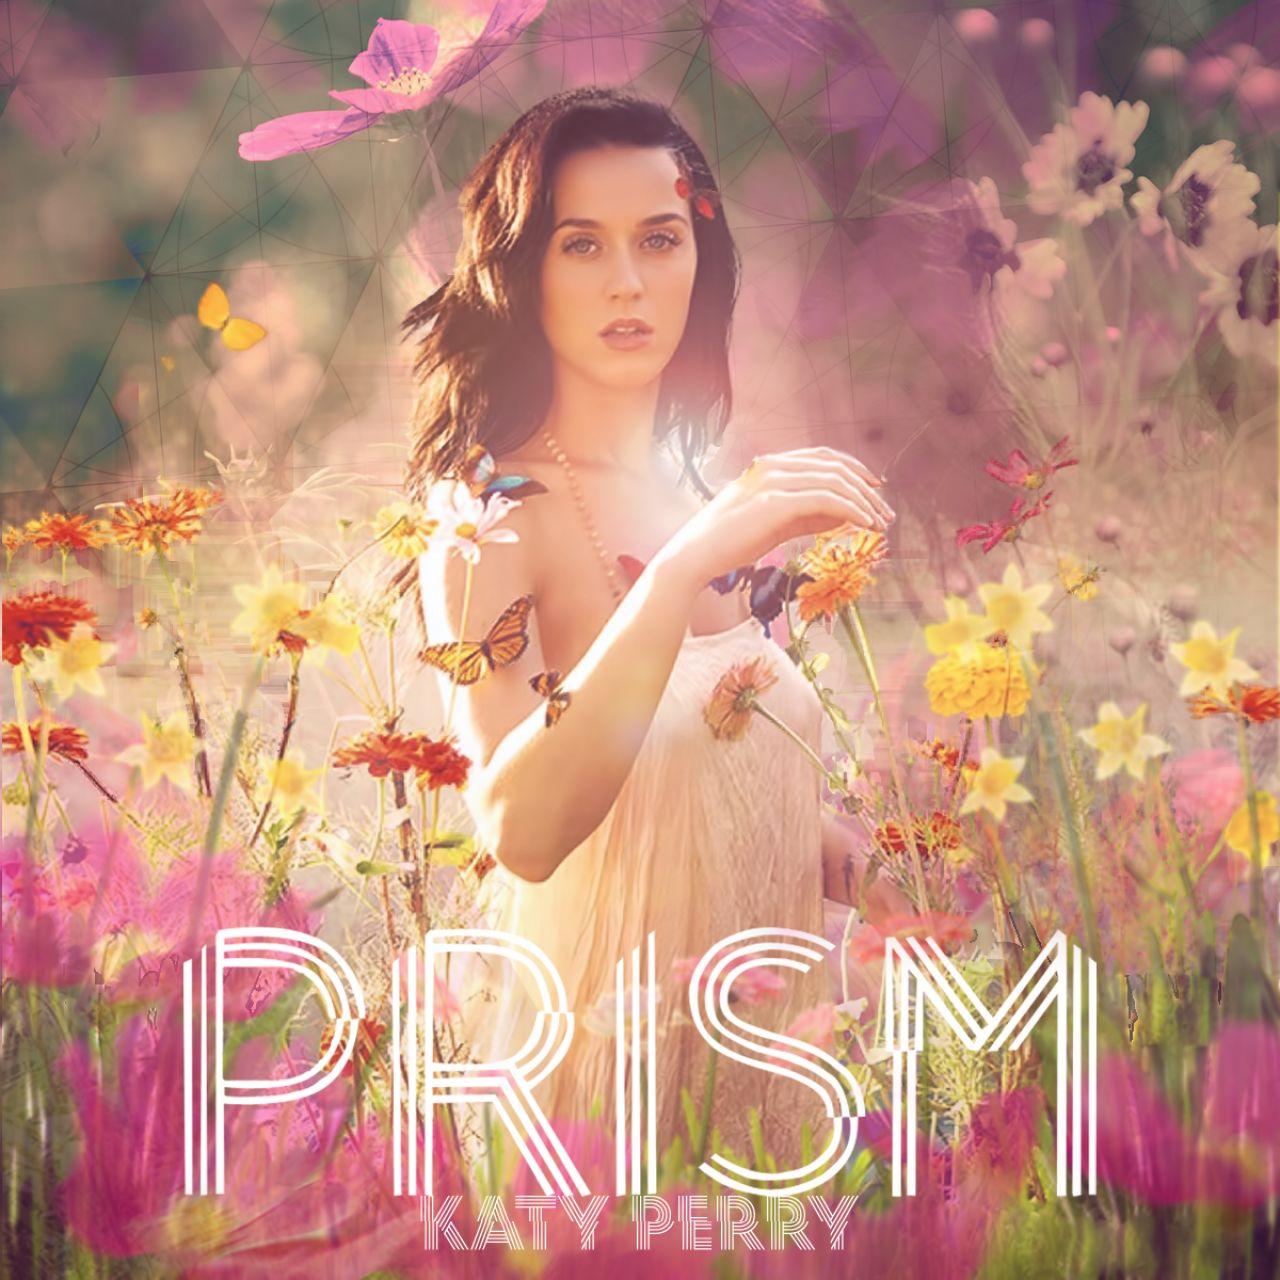 حصرياً الـ Discography الرائع للنجمة Katy Perry يضم البومات قمة